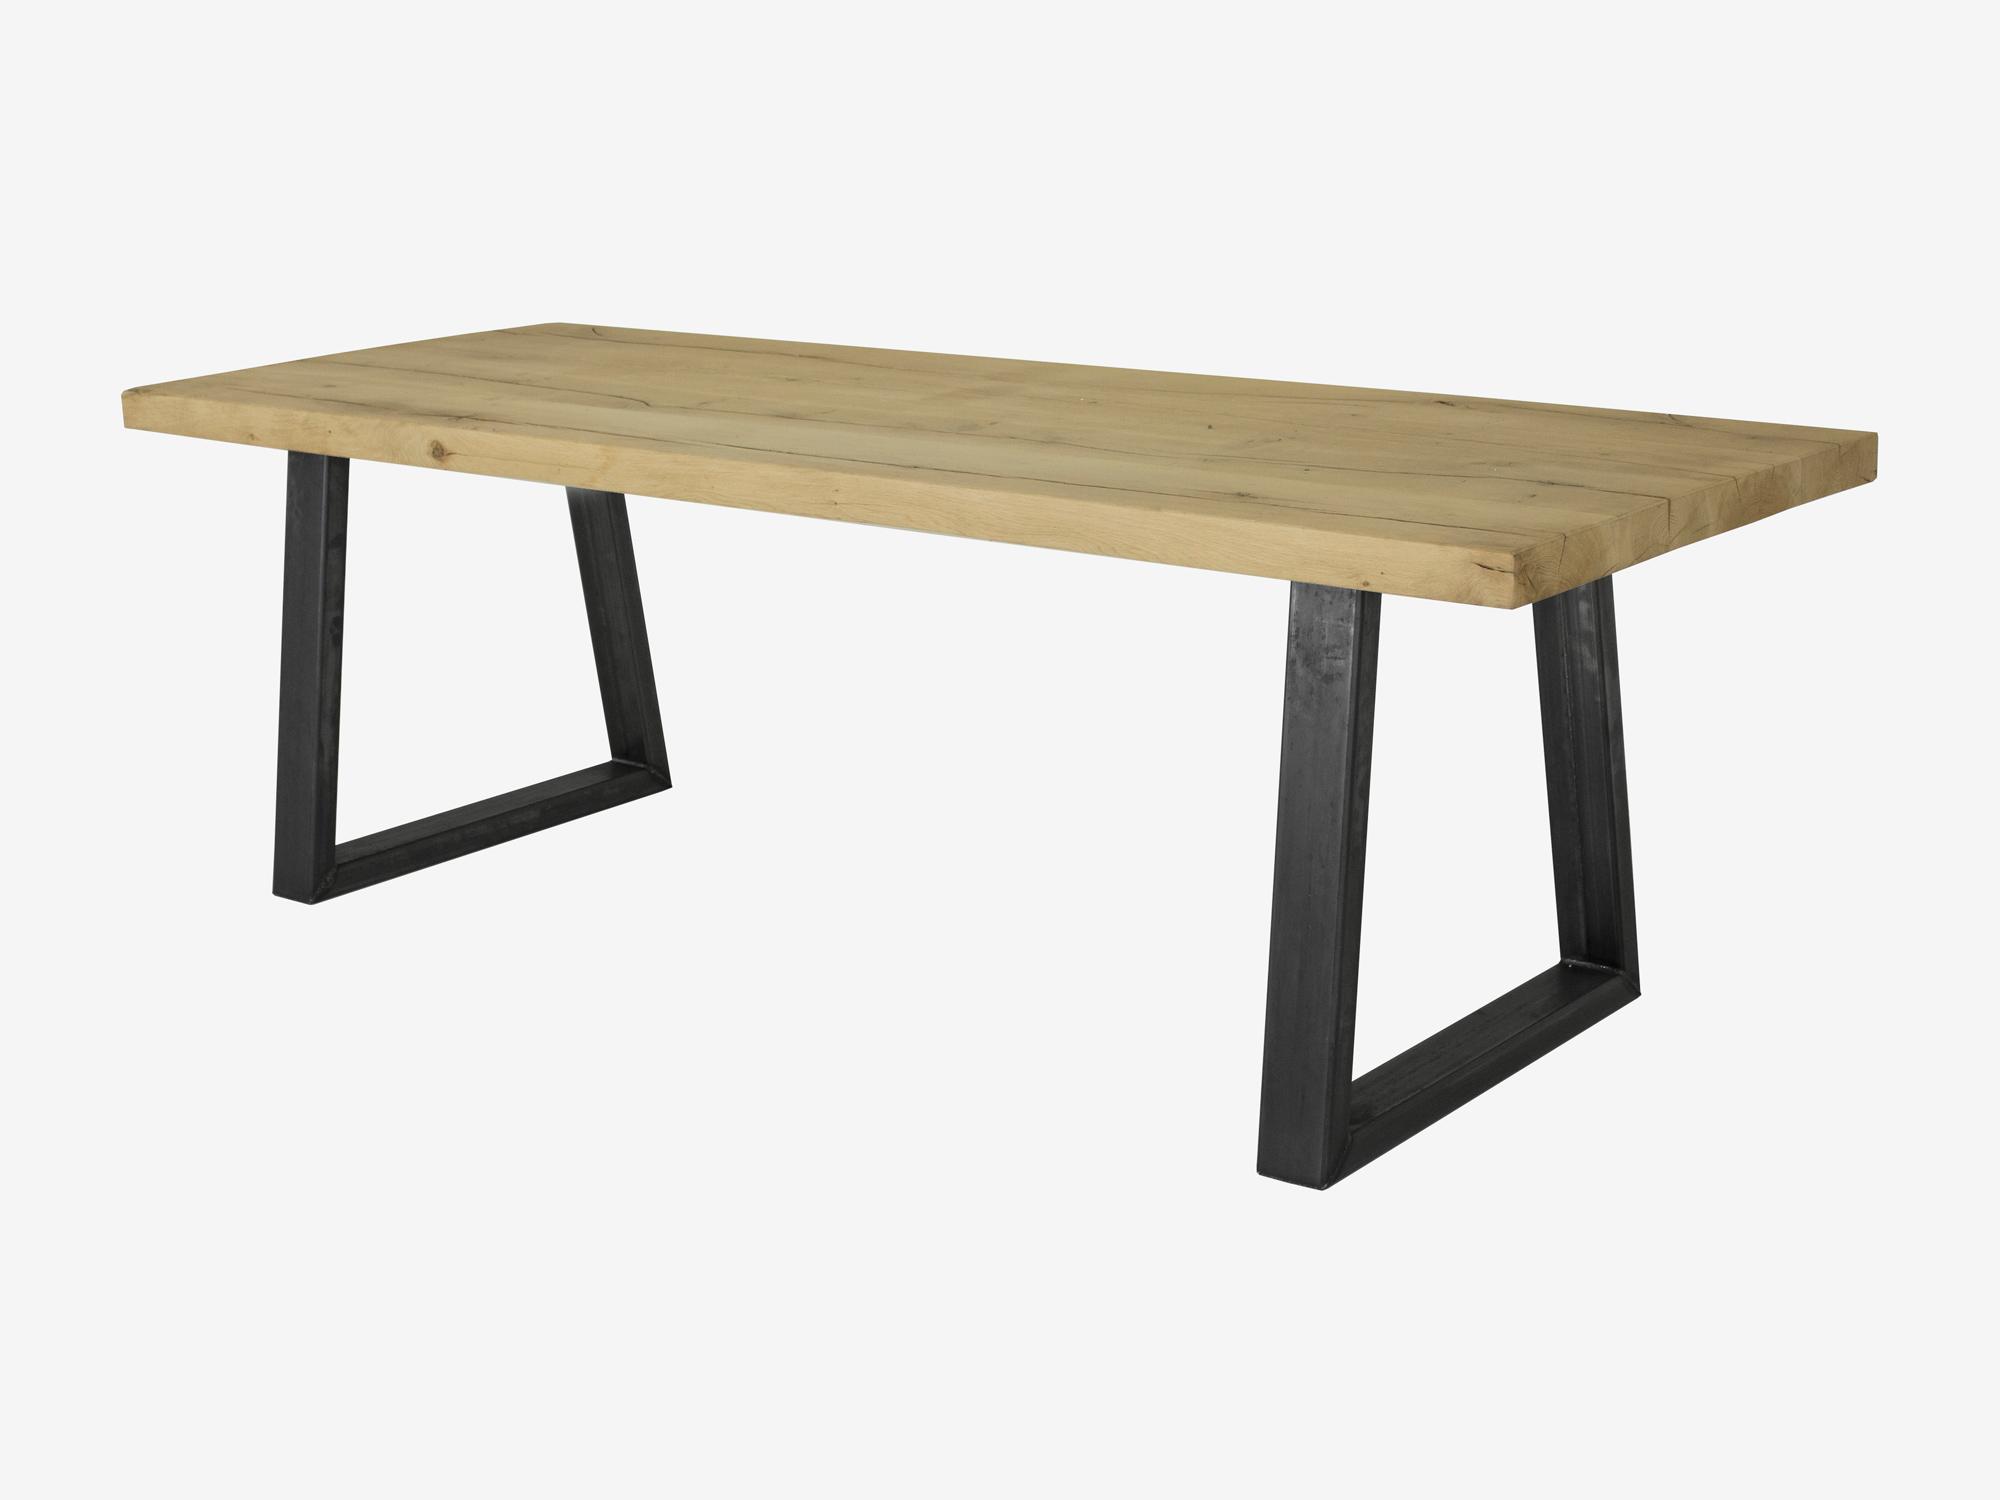 Eettafel levi eikenhout robuust fØrn maatwerk meubelen